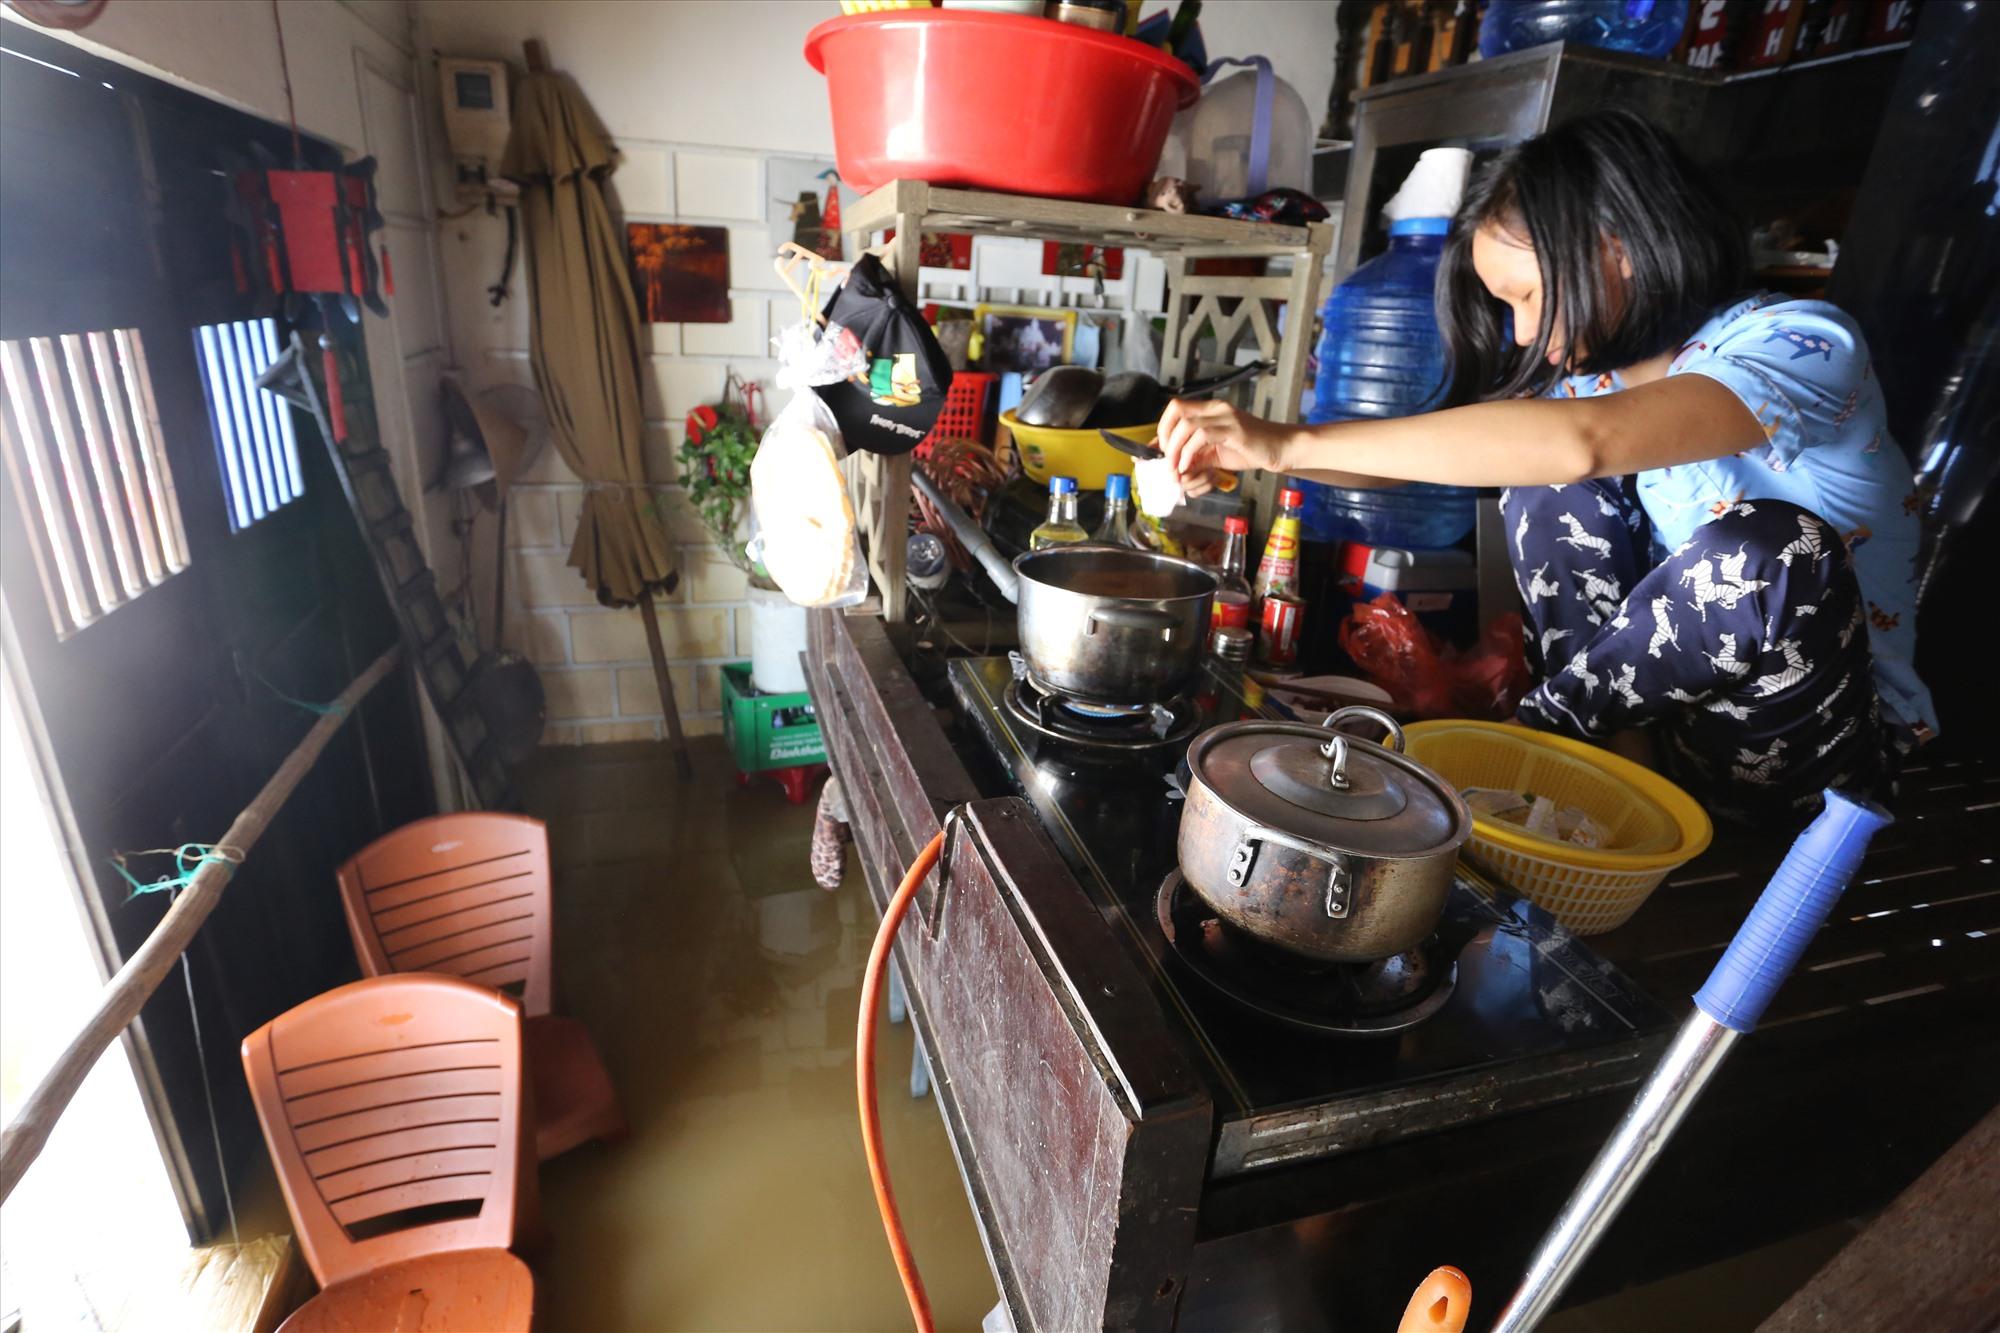 Chị Hòa đang chuẩn bị ăn cho gia đình.